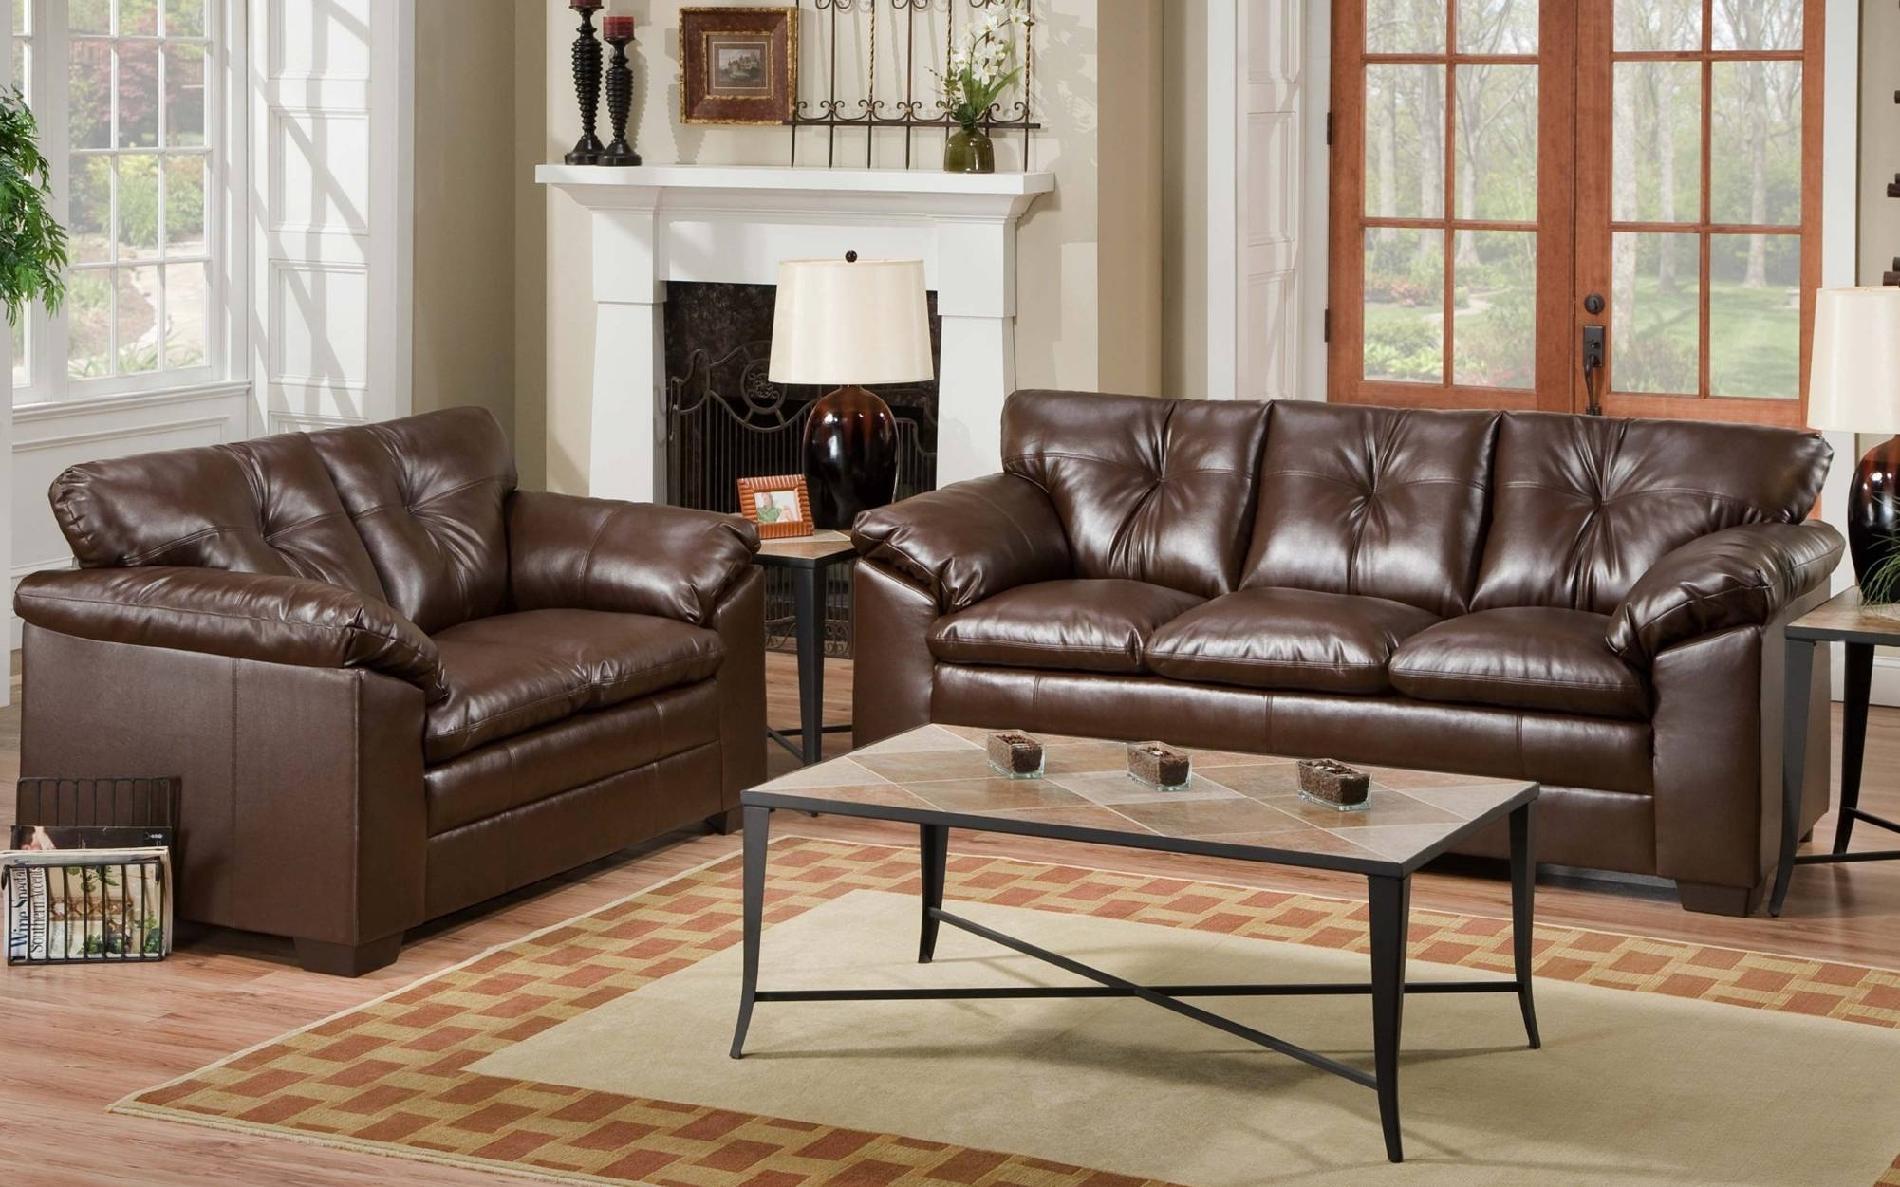 sears outlet bean bag chairs white club chair sofas american furniture 2957 3482 elizabeth